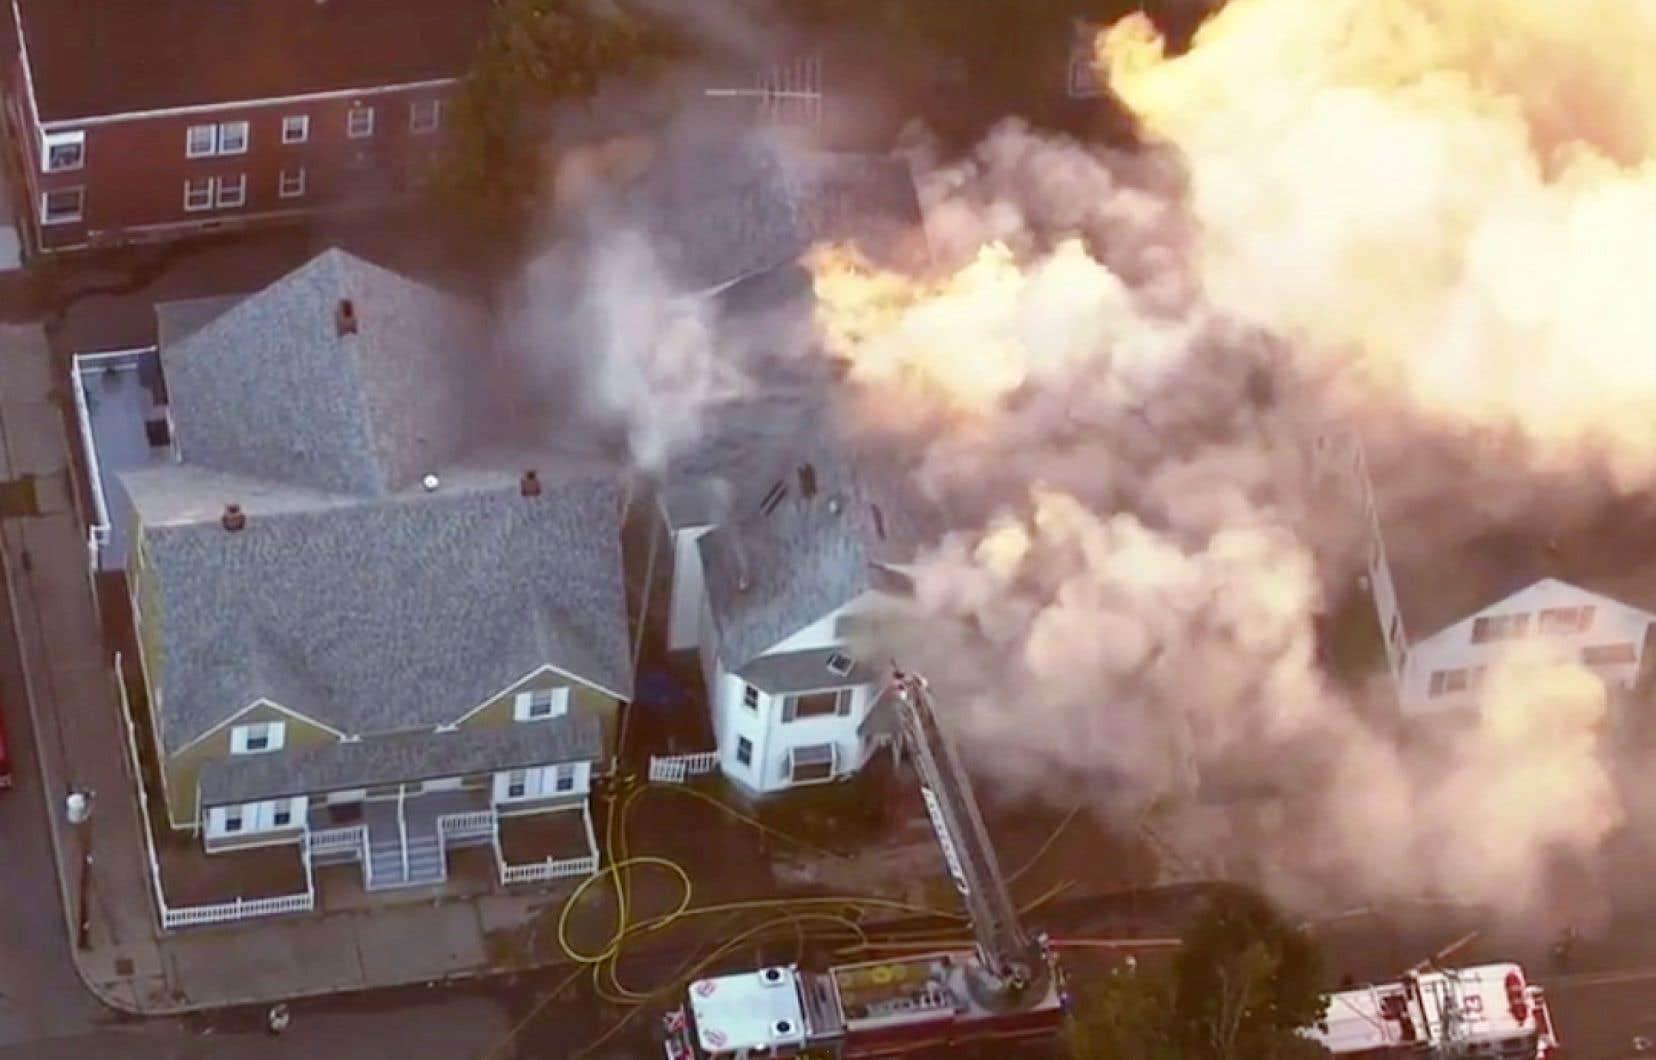 L'ensemble du secteur a été évacué tandis que les pompiers cherchaient à éteindre les flammes et à fermer les réseaux gazier et électrique afin d'éviter des dégâts encore plus importants.